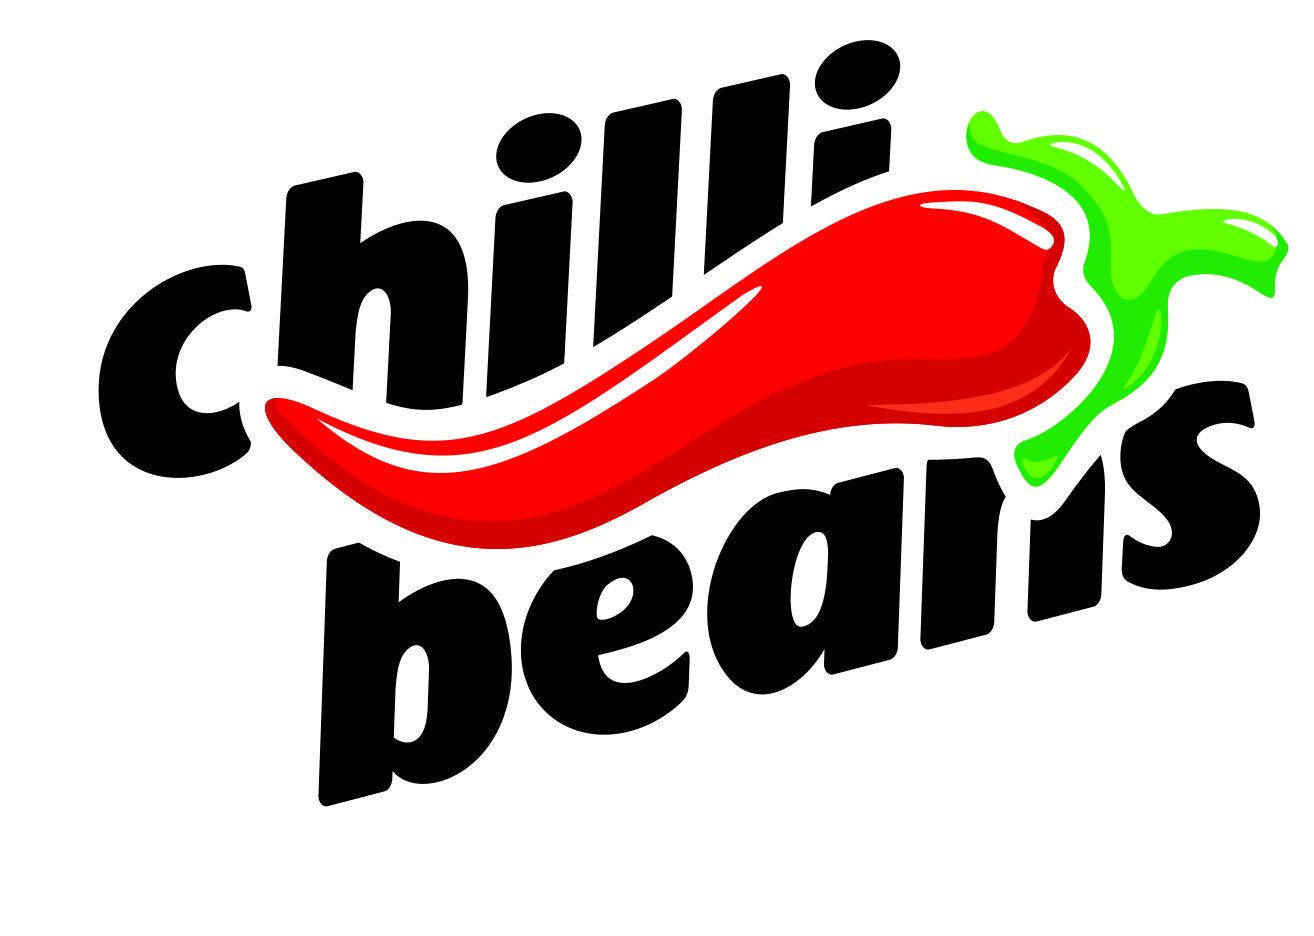 Resultado de imagem para chilli beans logomarca